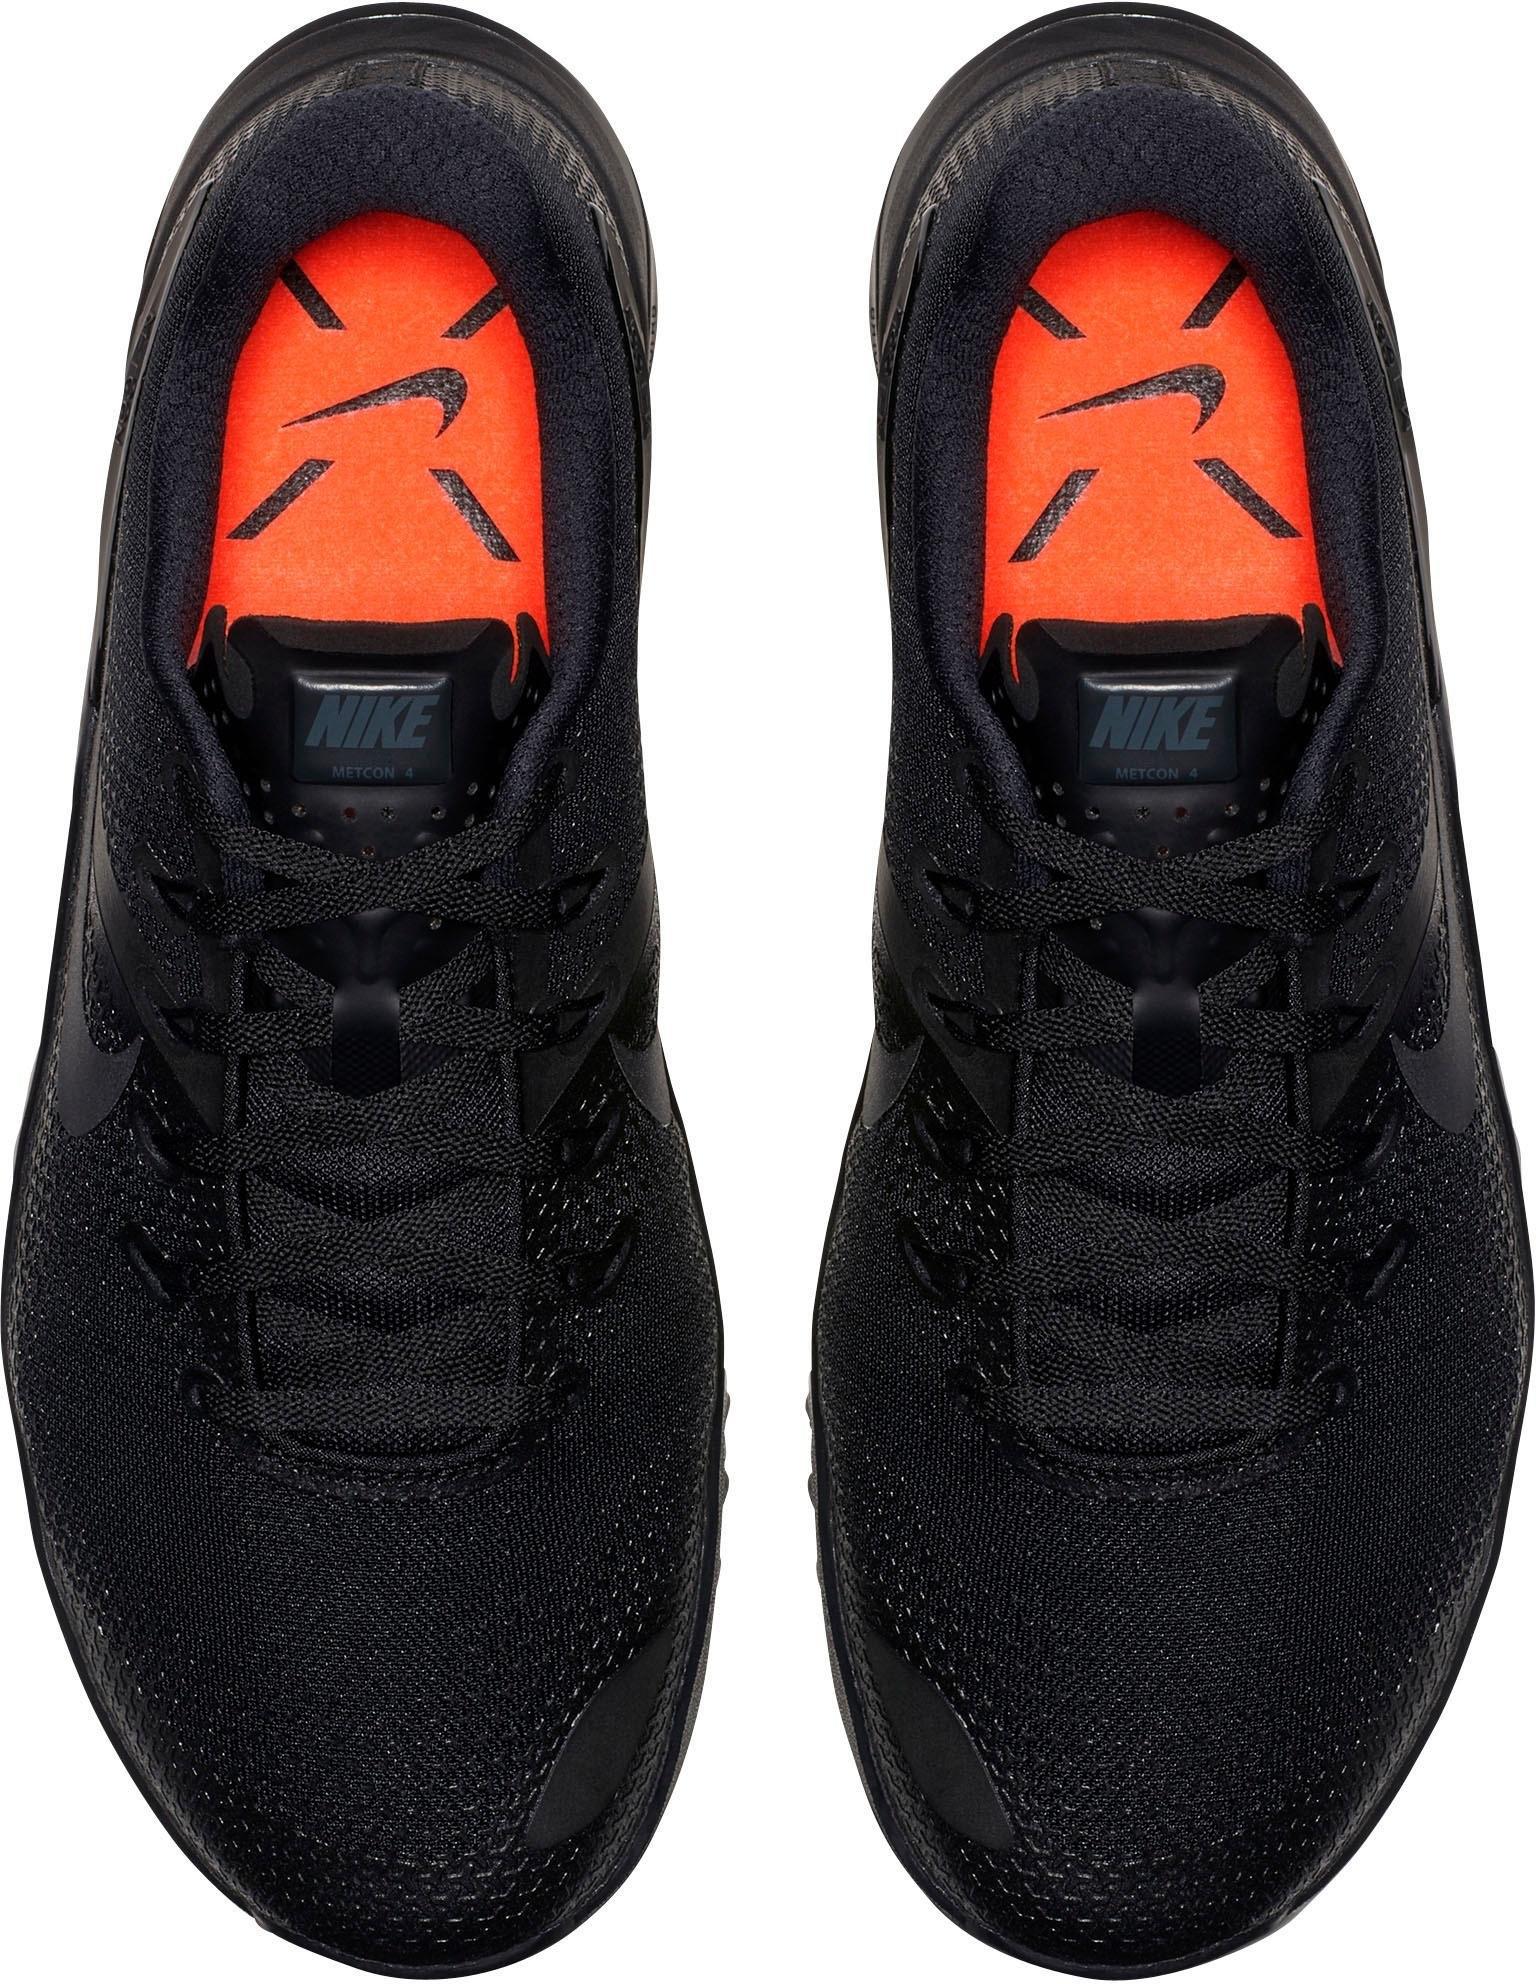 Online Kopen Nike Trainingsschoenenmetcon Online 4 4 Nike Nike Trainingsschoenenmetcon Kopen Trainingsschoenenmetcon Online 4 edoCBx